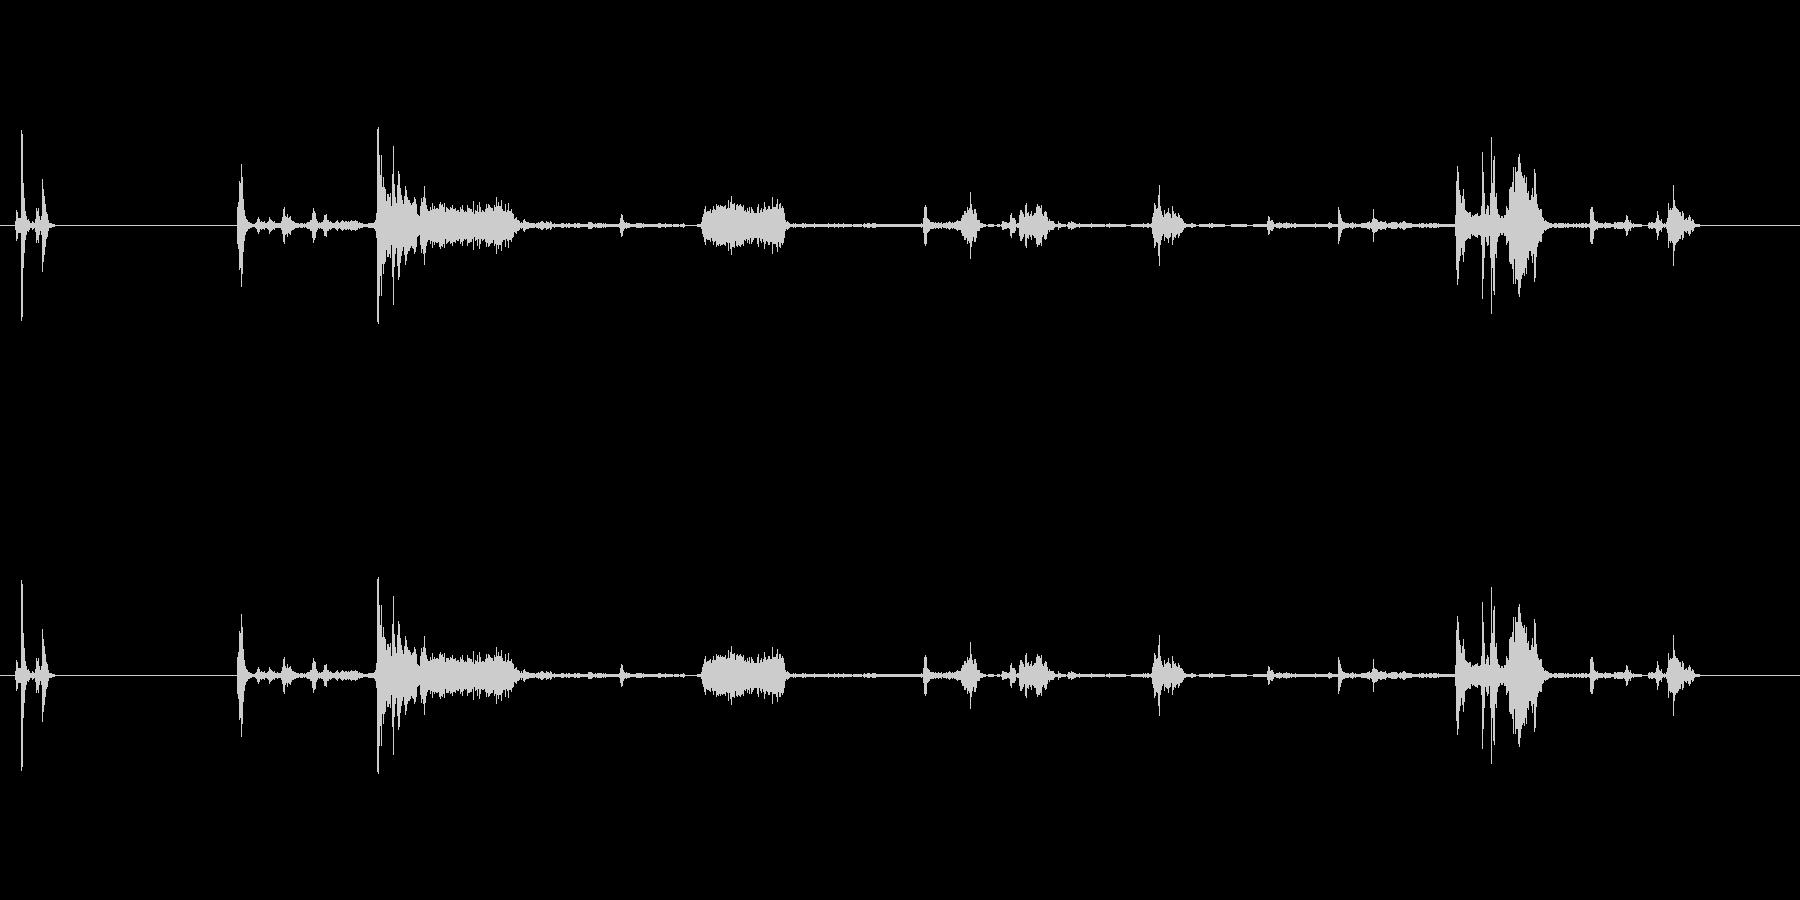 【プリンター01-on2】の未再生の波形